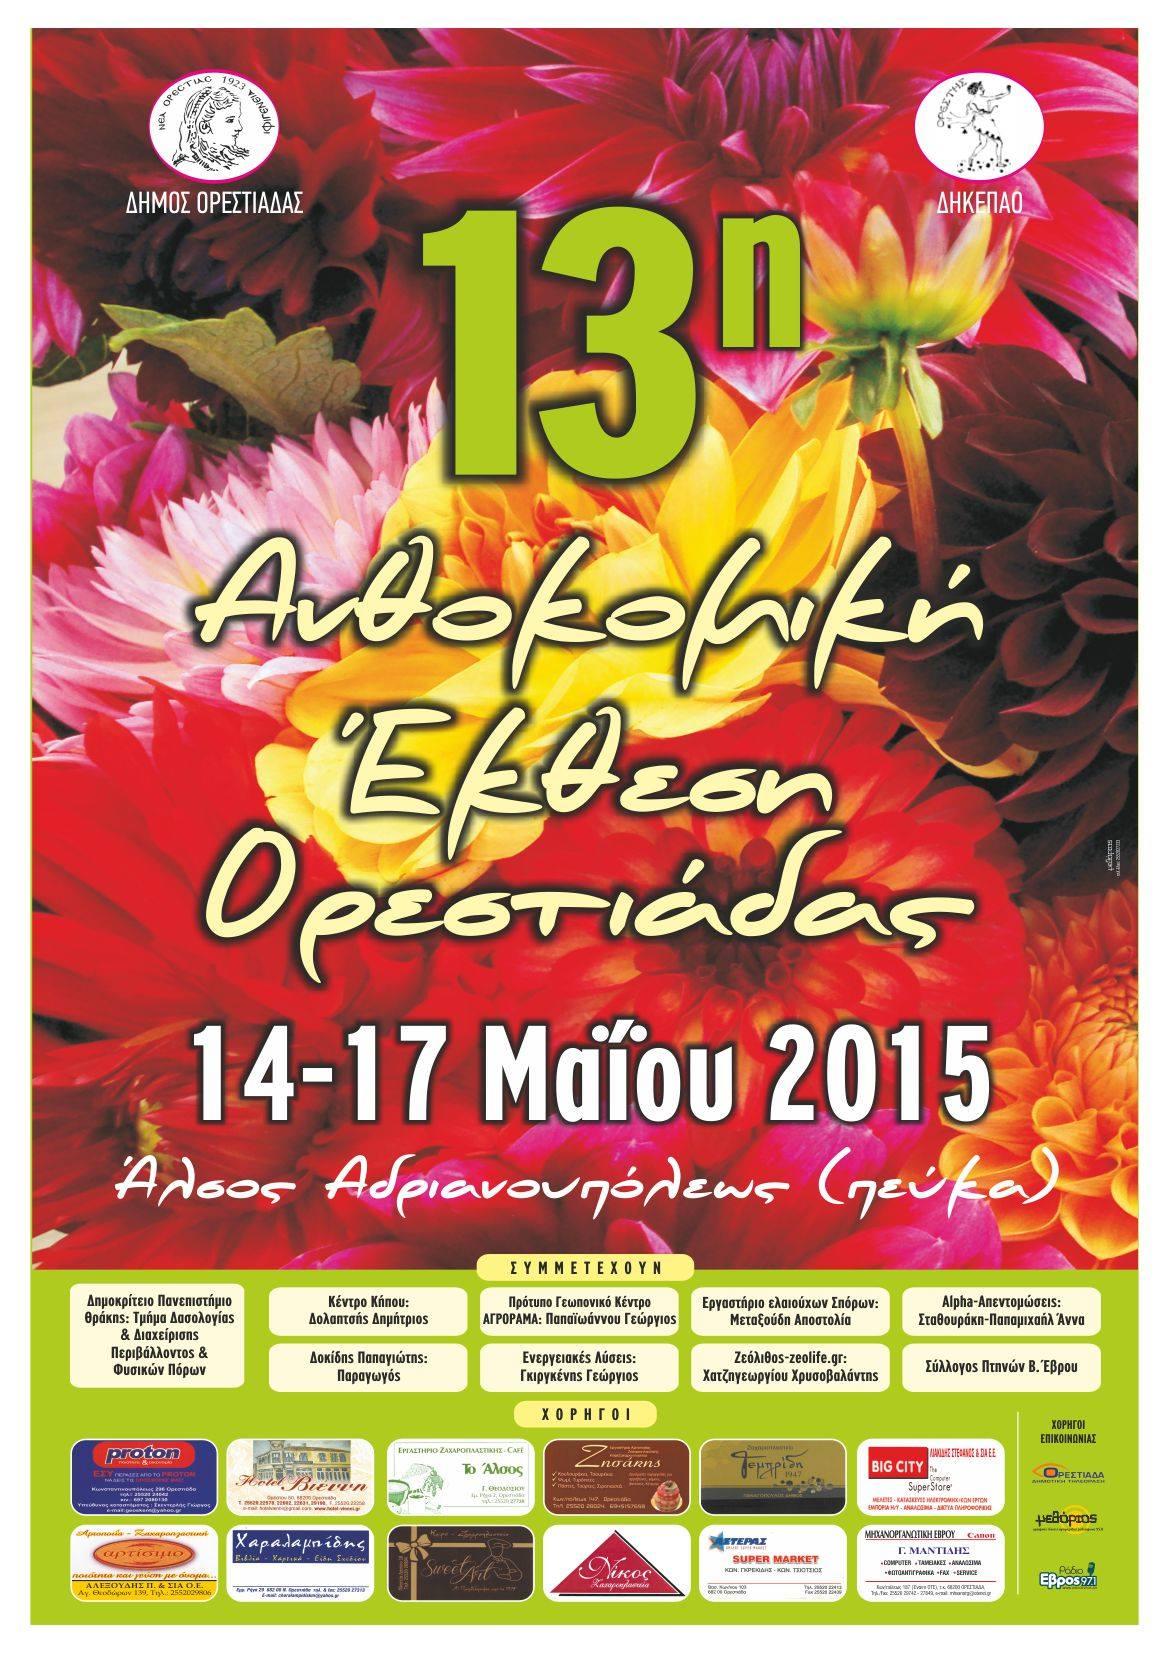 Συμμετοχή της Zeolife.gr στη 13η ανθοκομική έκθεση Νέας Ορεστιάδας